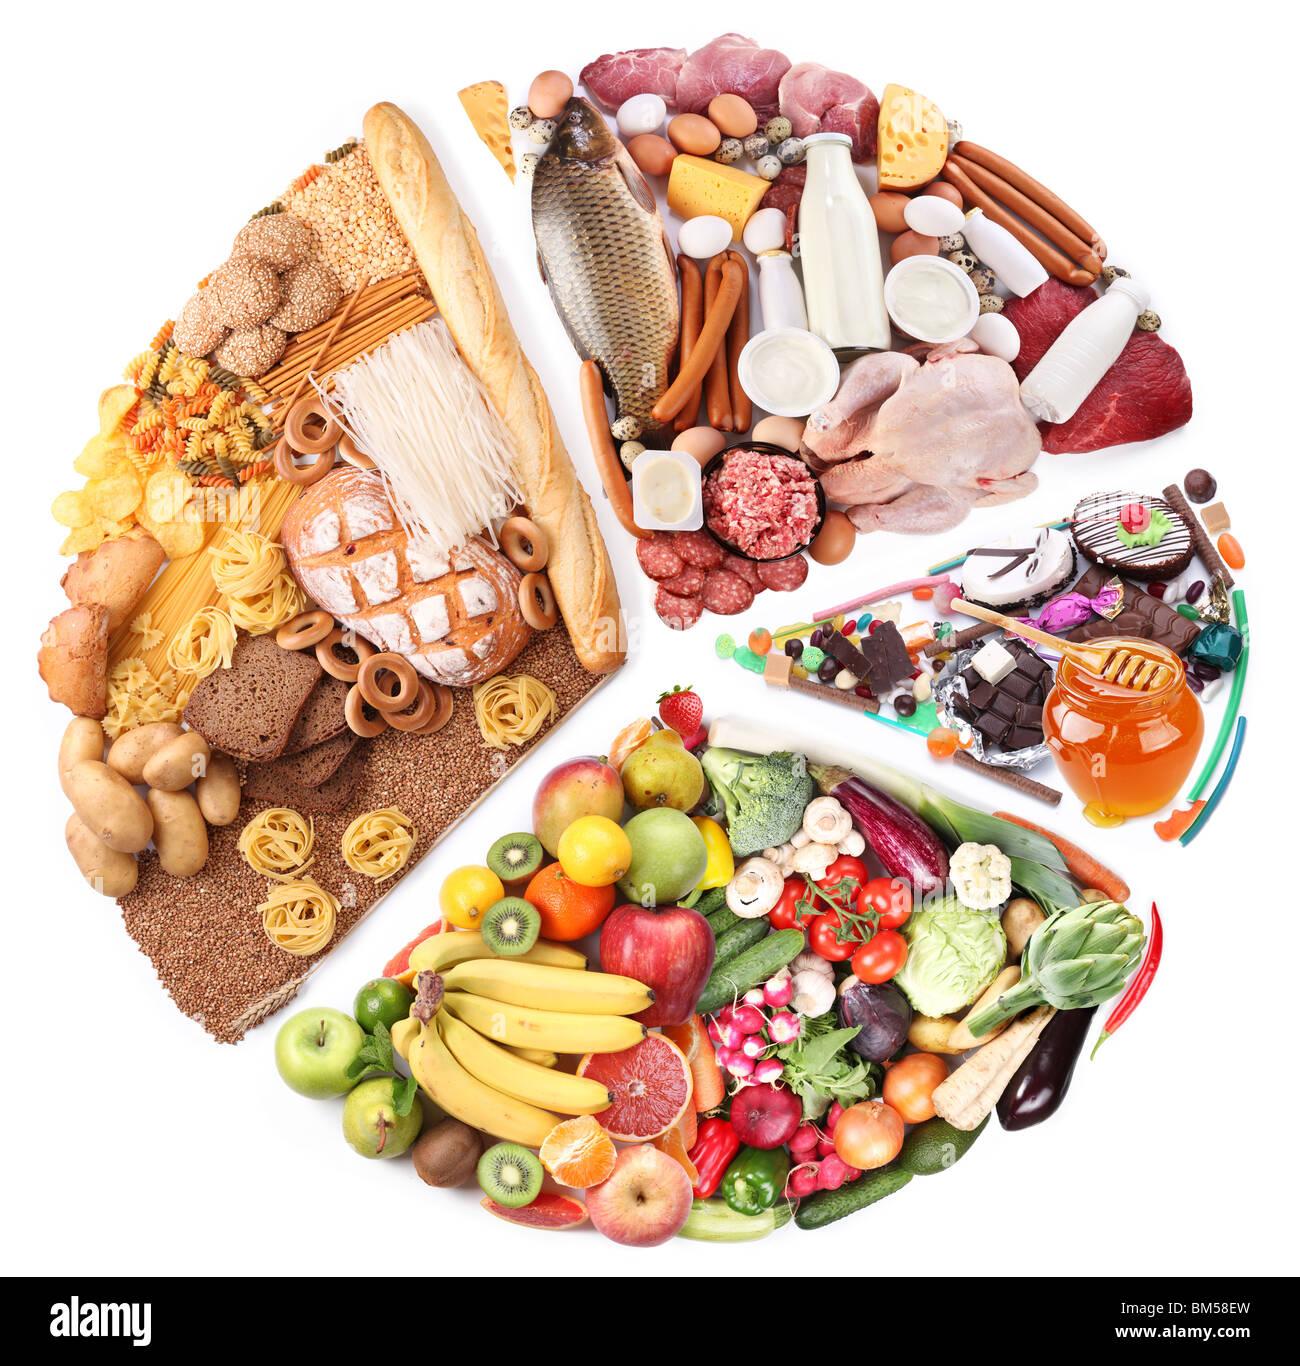 Cibo per una dieta bilanciata in forma di cerchio. Isolato su bianco Immagini Stock